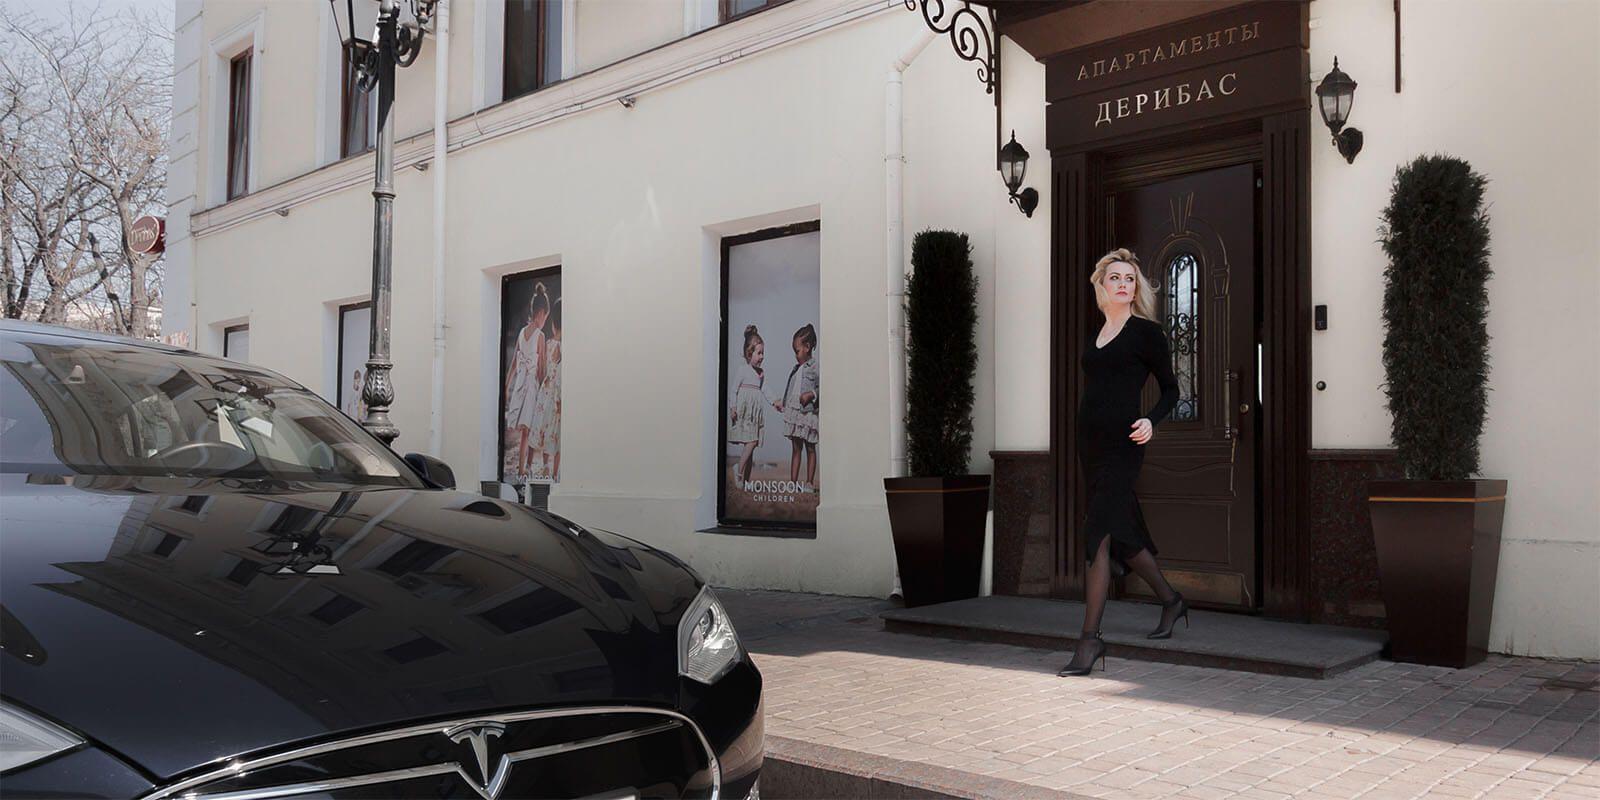 Enter of Hotel Deribas in Odessa